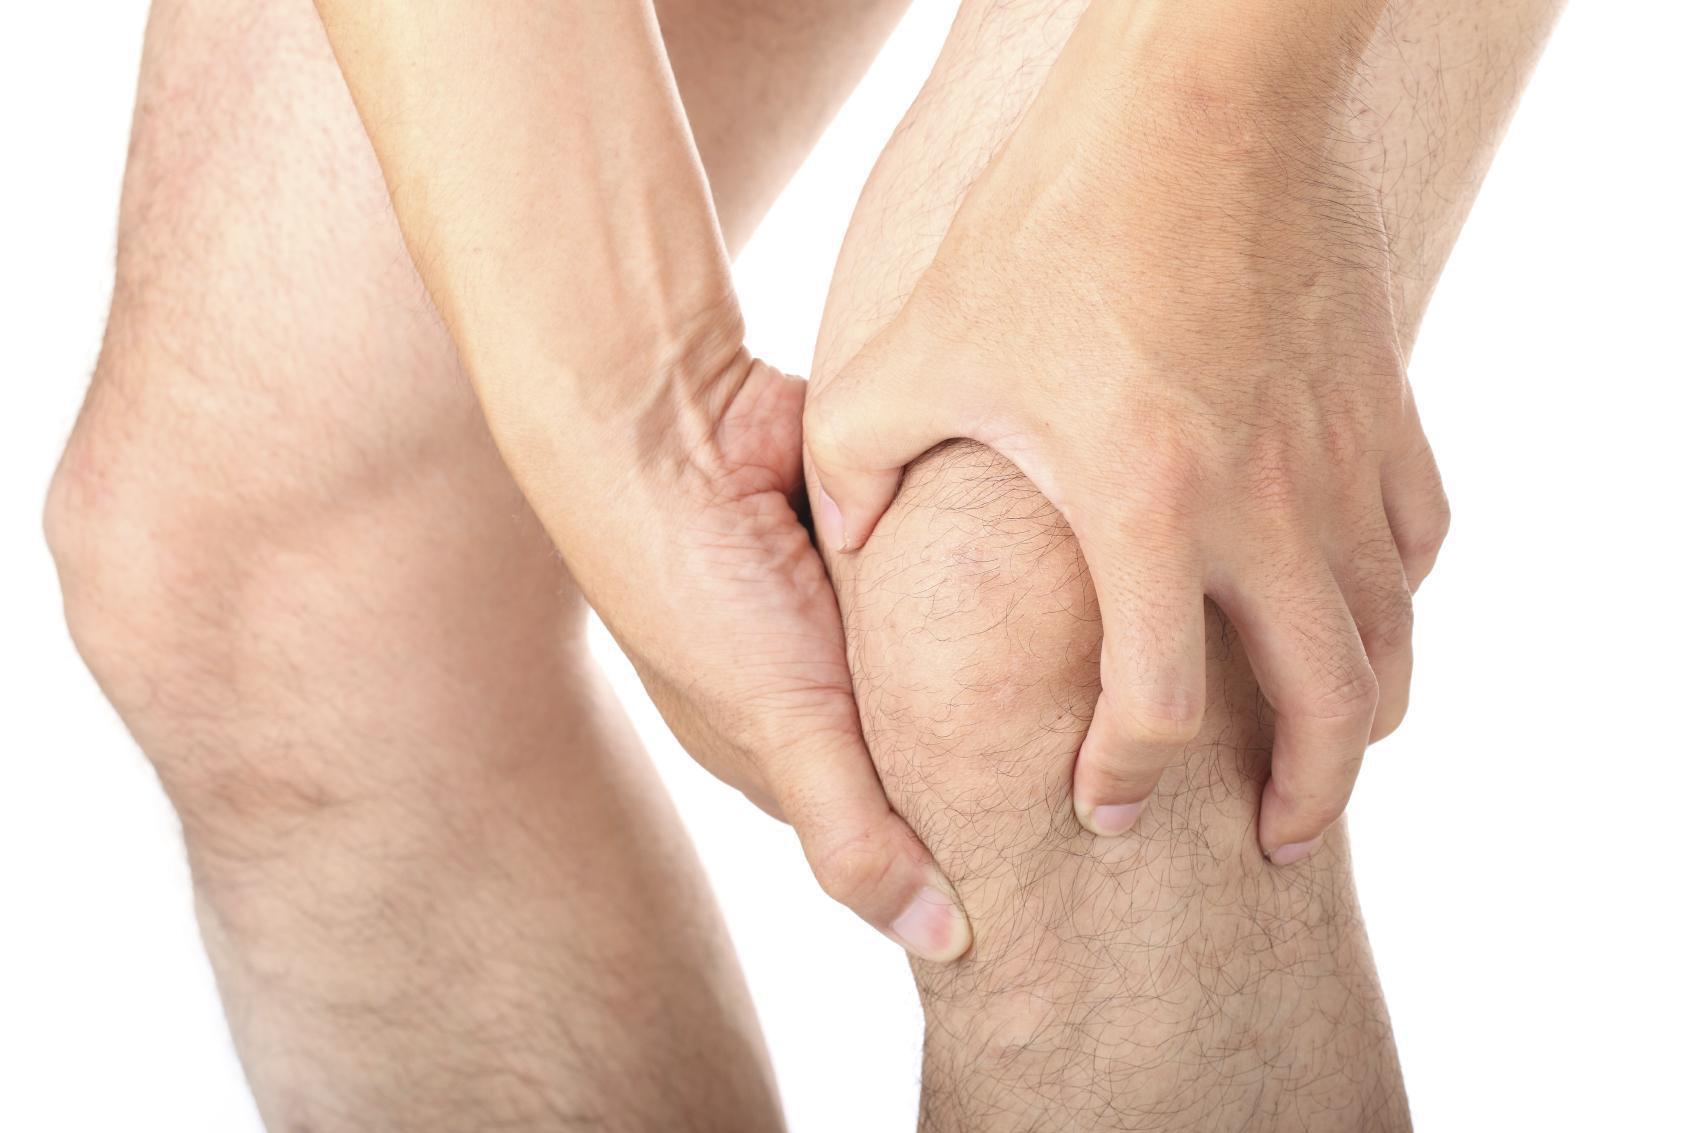 Acido Urico Alto Conheca Os Sintomas E Tratamentos